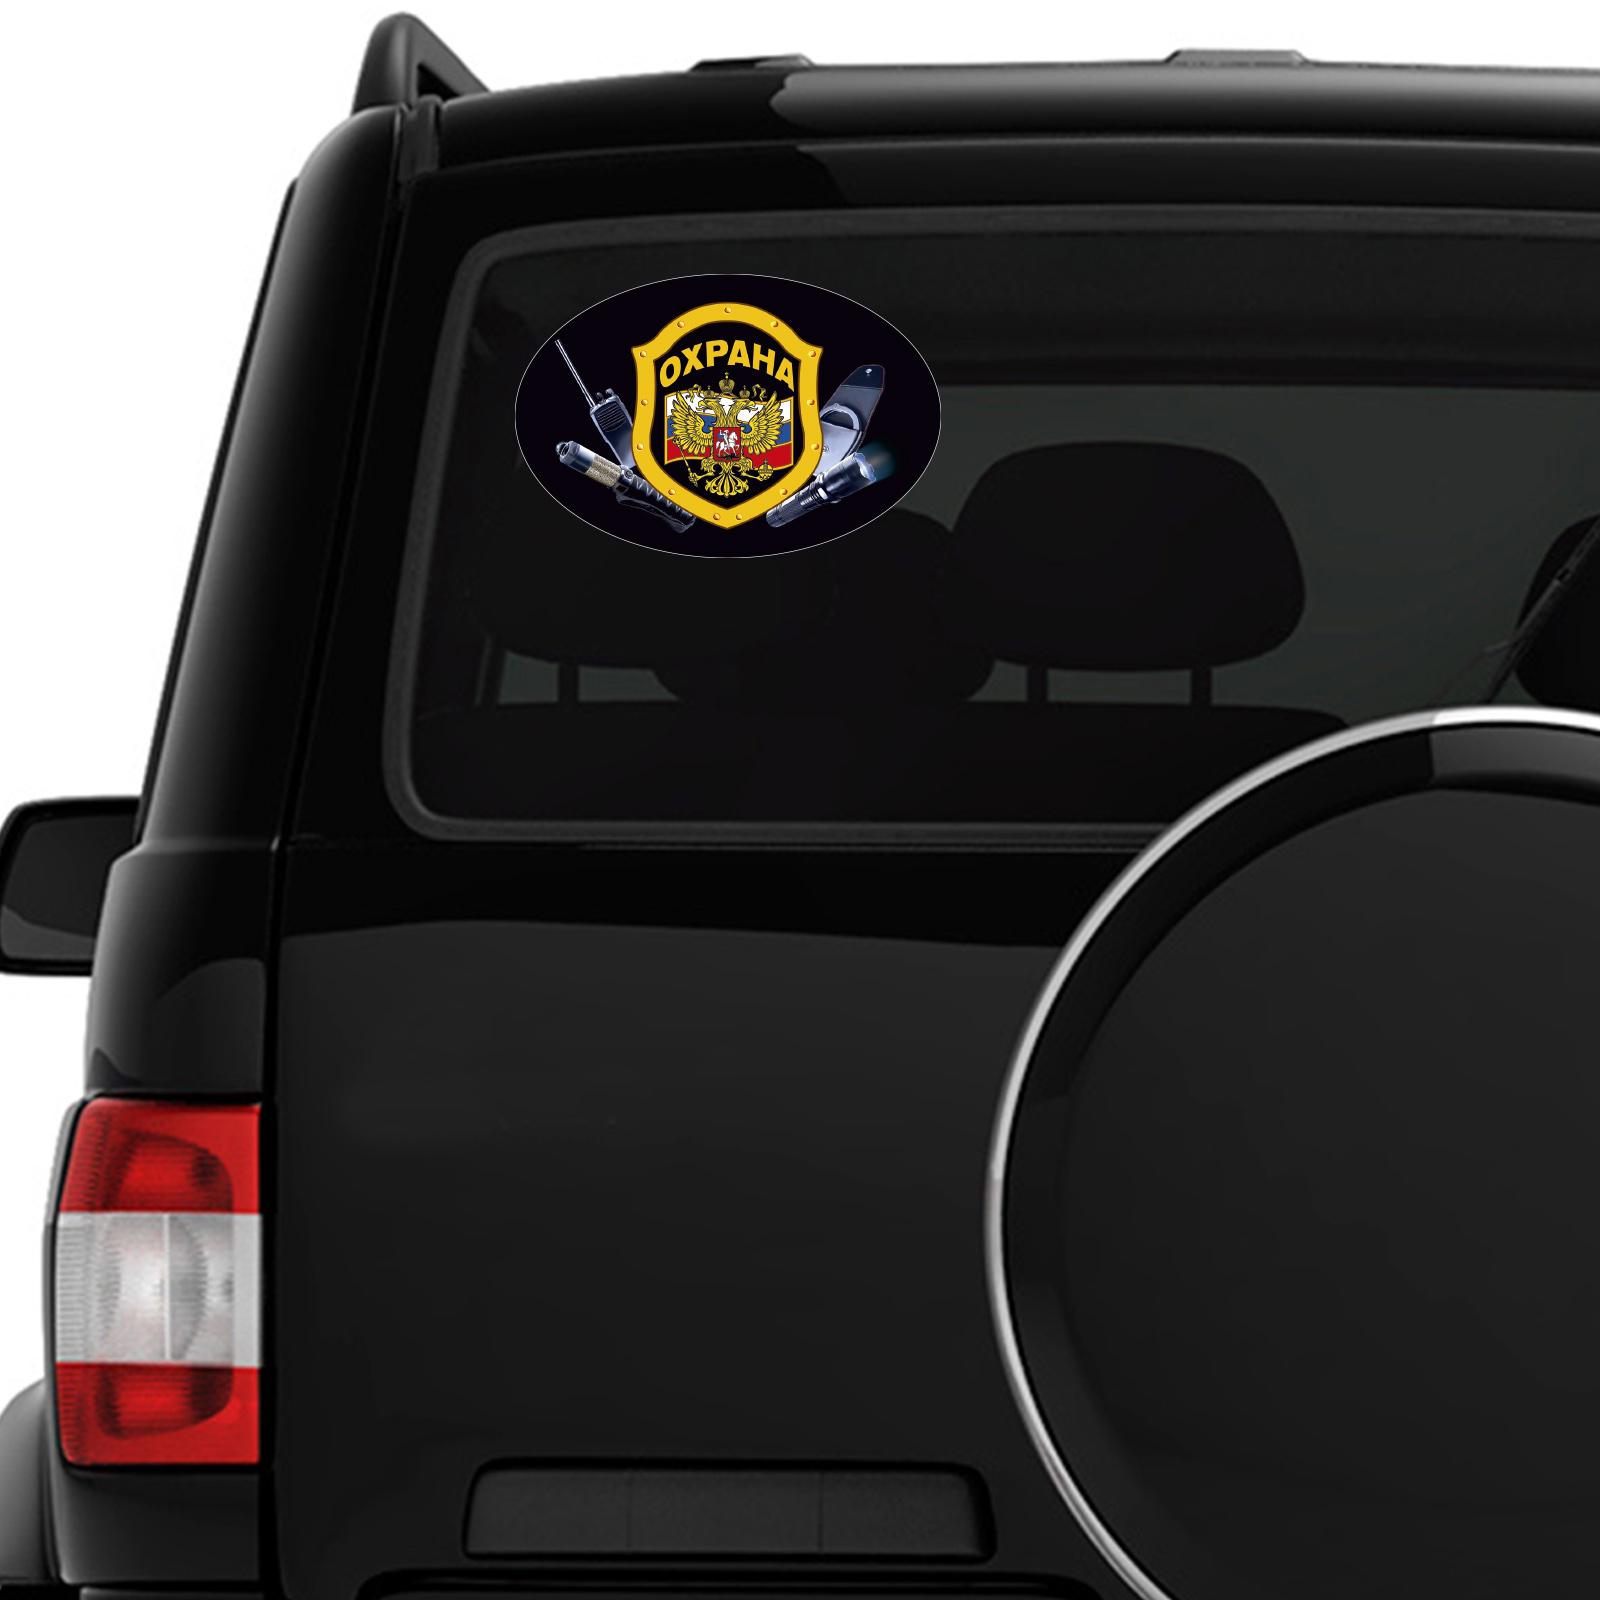 """Эксклюзивная наклейка на авто """"Охрана"""" - недорого"""